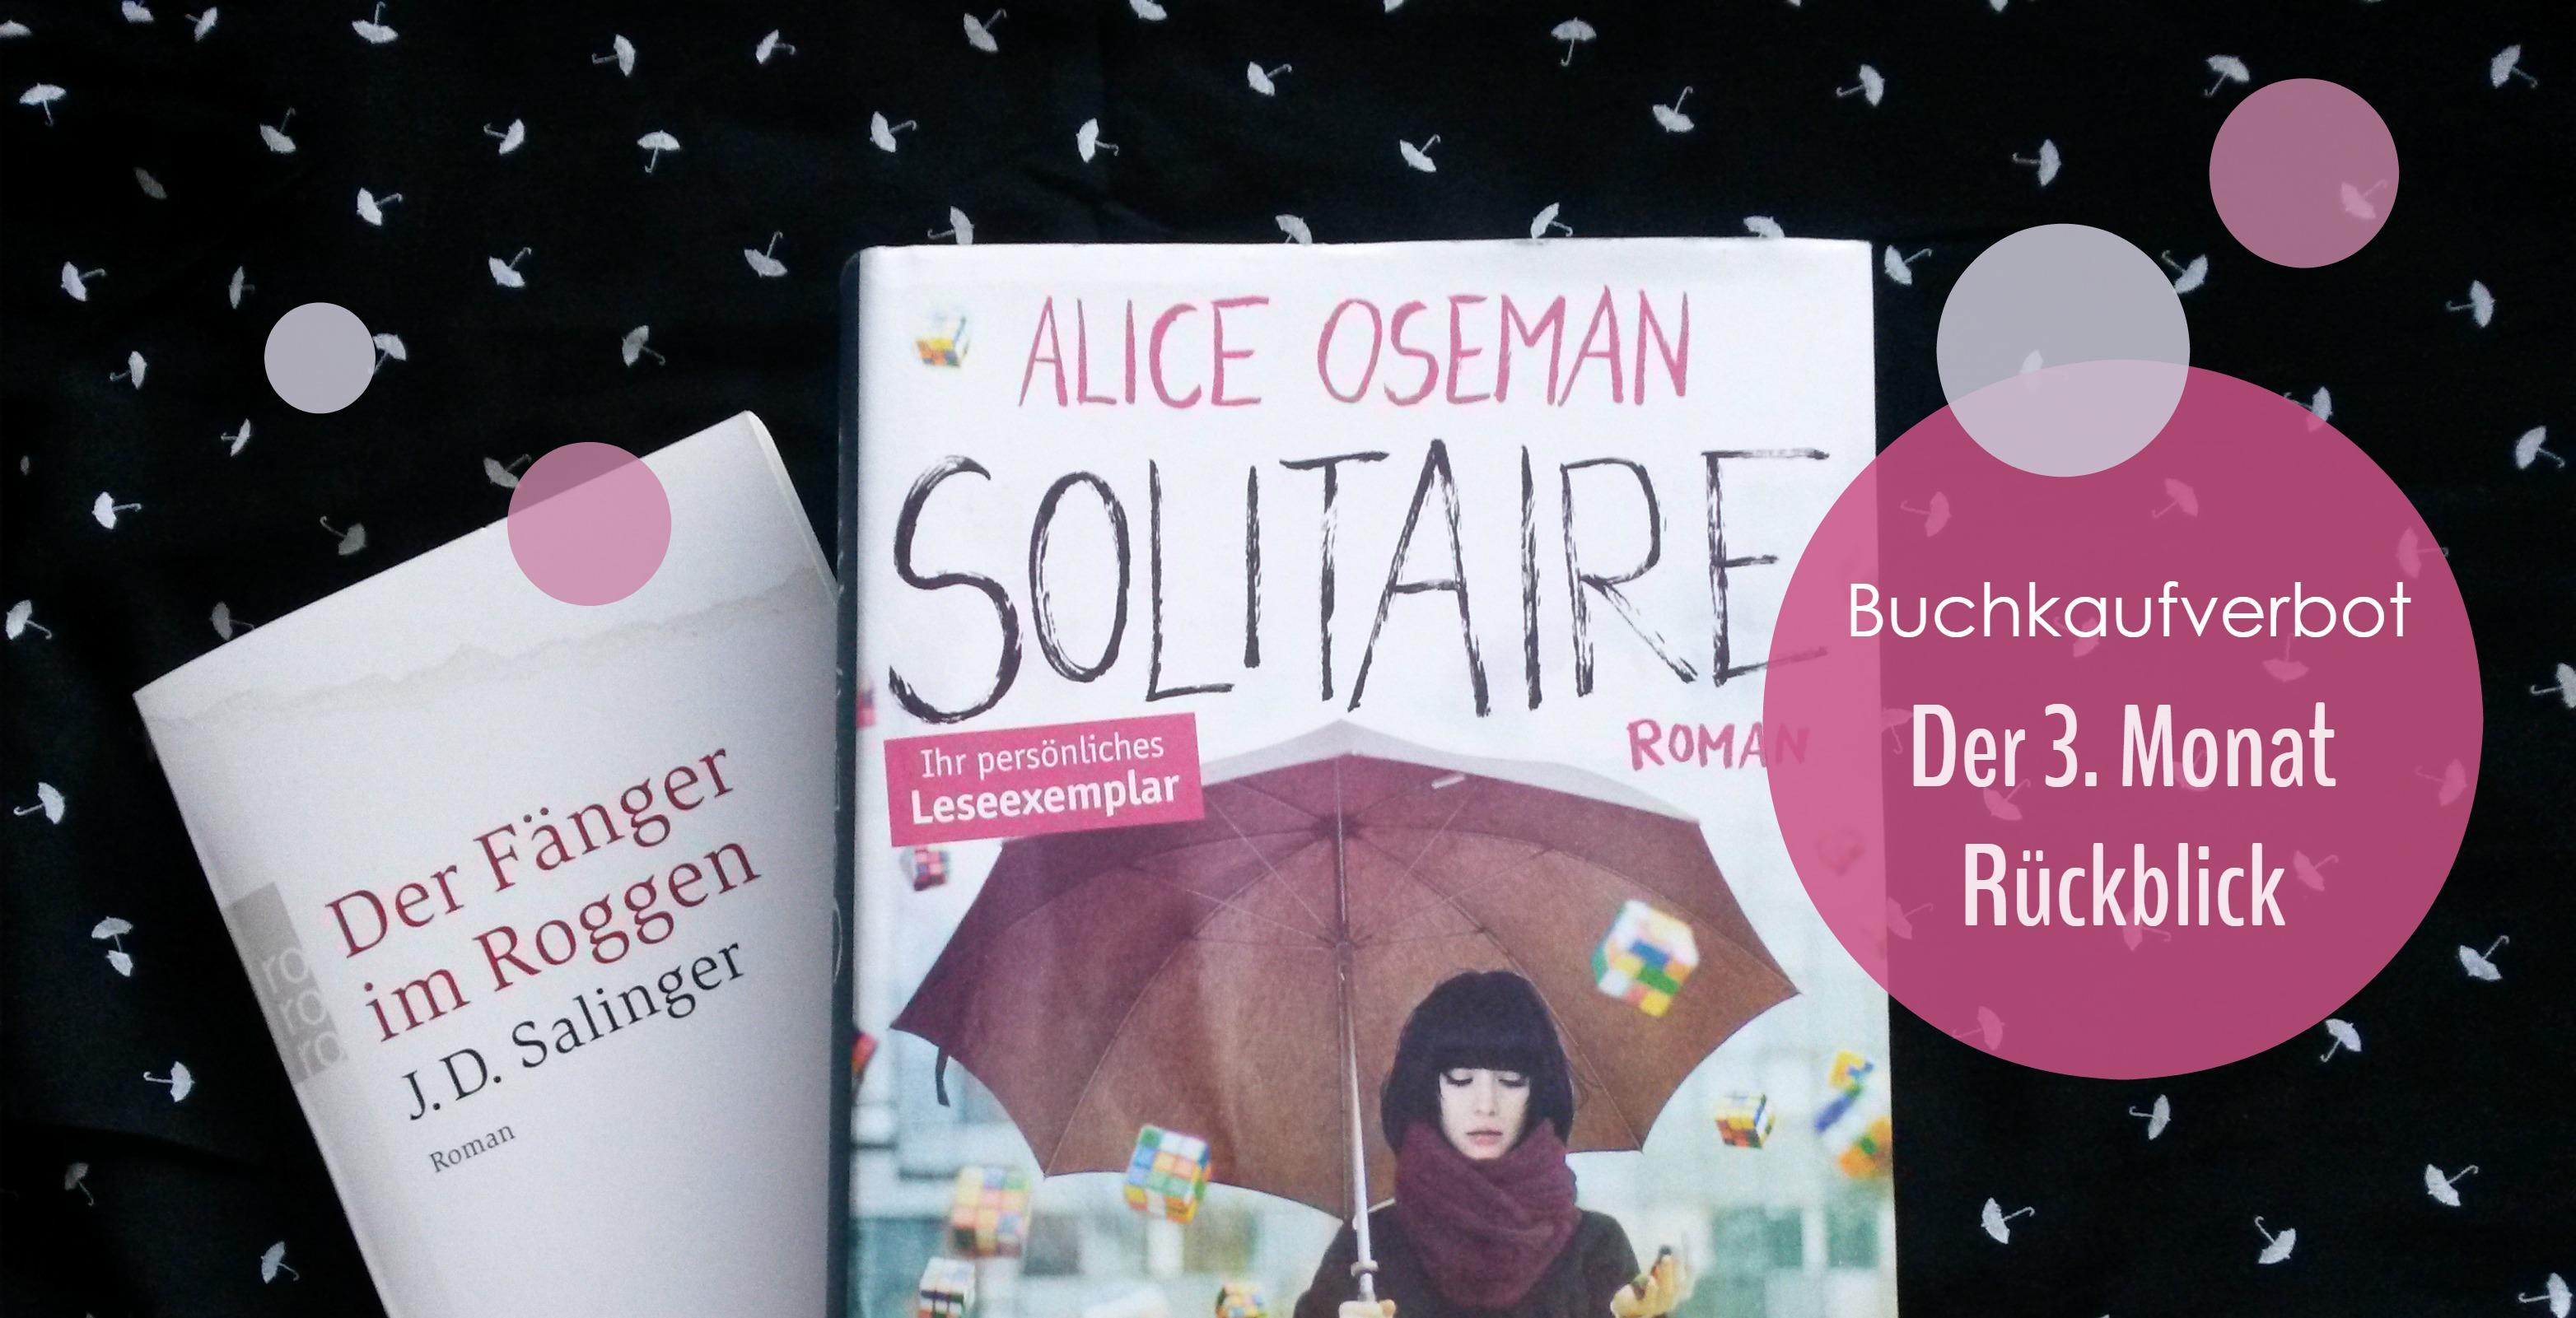 Solitaire-AliceOseman-dtvVerlag-Beitragsbild-Buchkaufverbot-KeineneuenBücherbisJahresende3